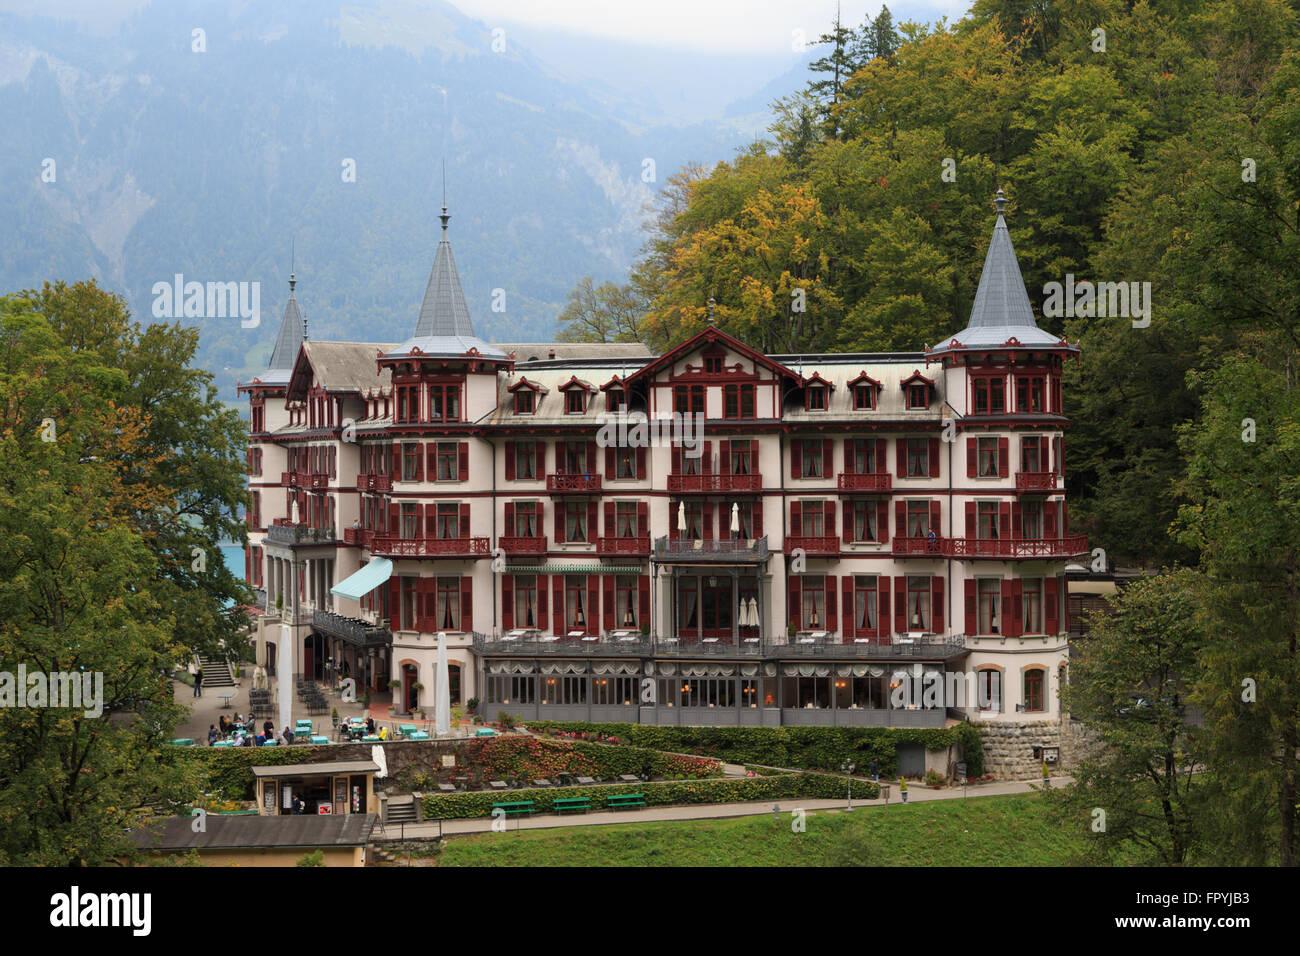 Ein Foto Von Dem Grand Hotel Giessbach In Der Nahe Von Den Giessbachfallen Auf Dem Brienzersee Im Berner Oberland Bereich Der Schweiz Stockfotografie Alamy